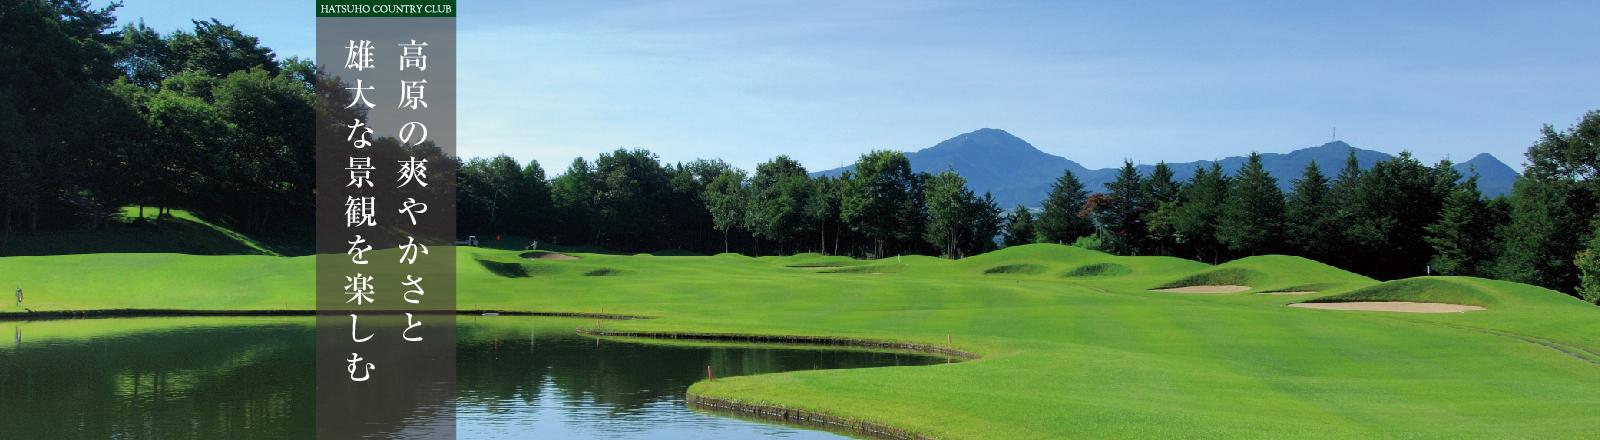 ゴルフコース|高原の爽やかさと雄大な景観を楽しむ